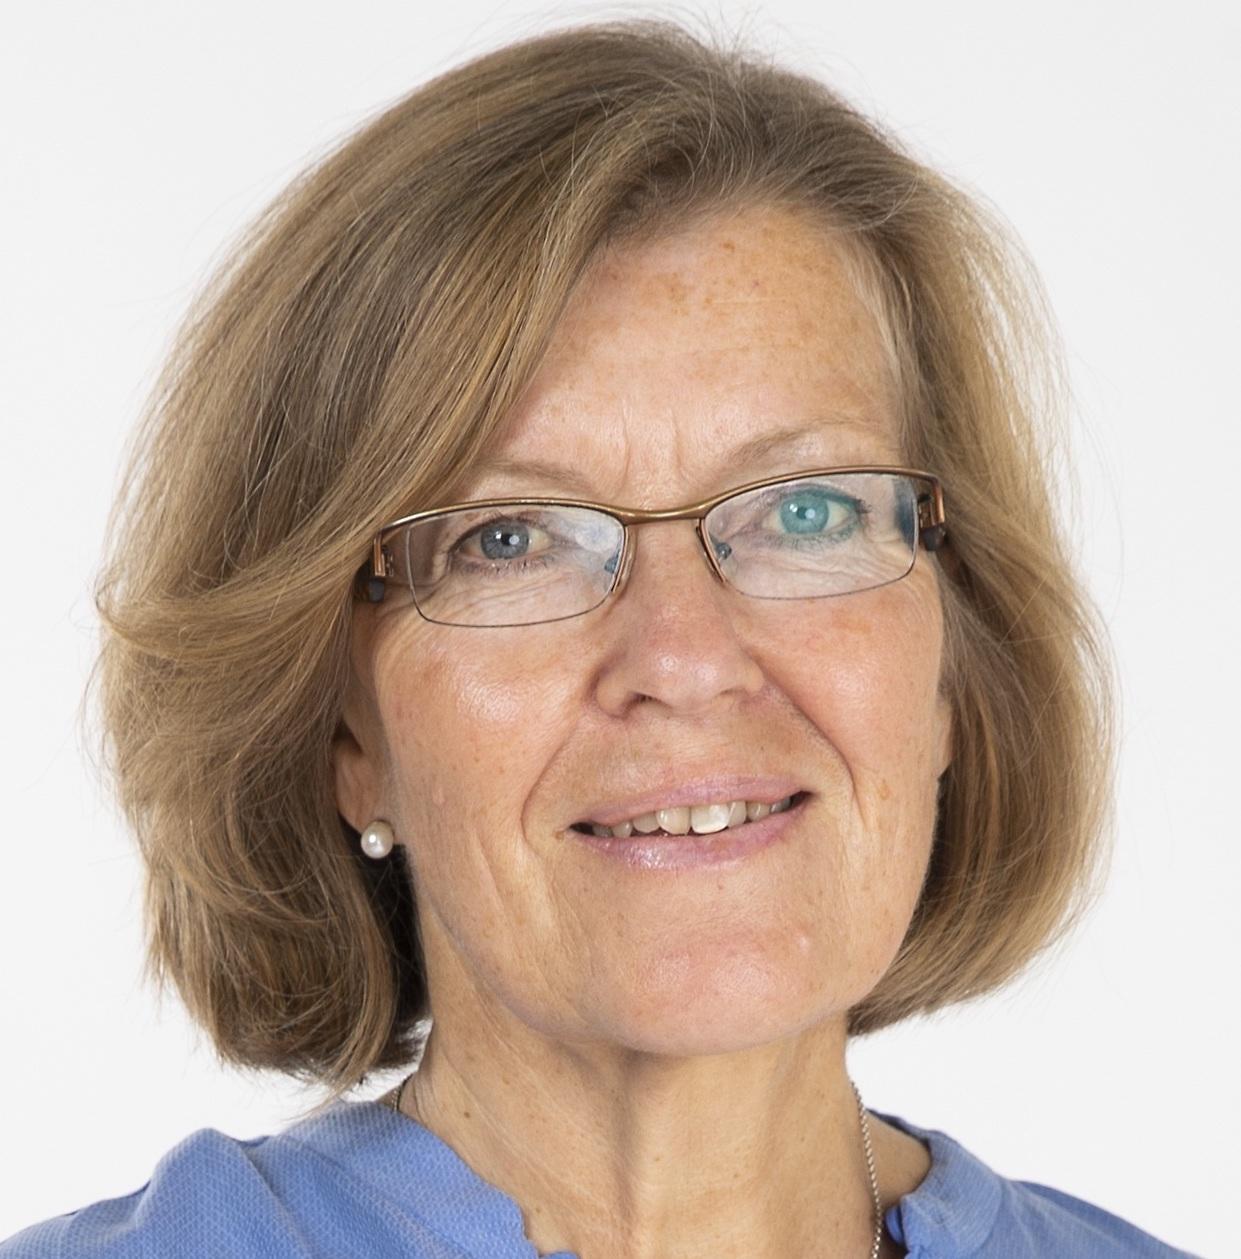 Ann-Christina Kjeldsen